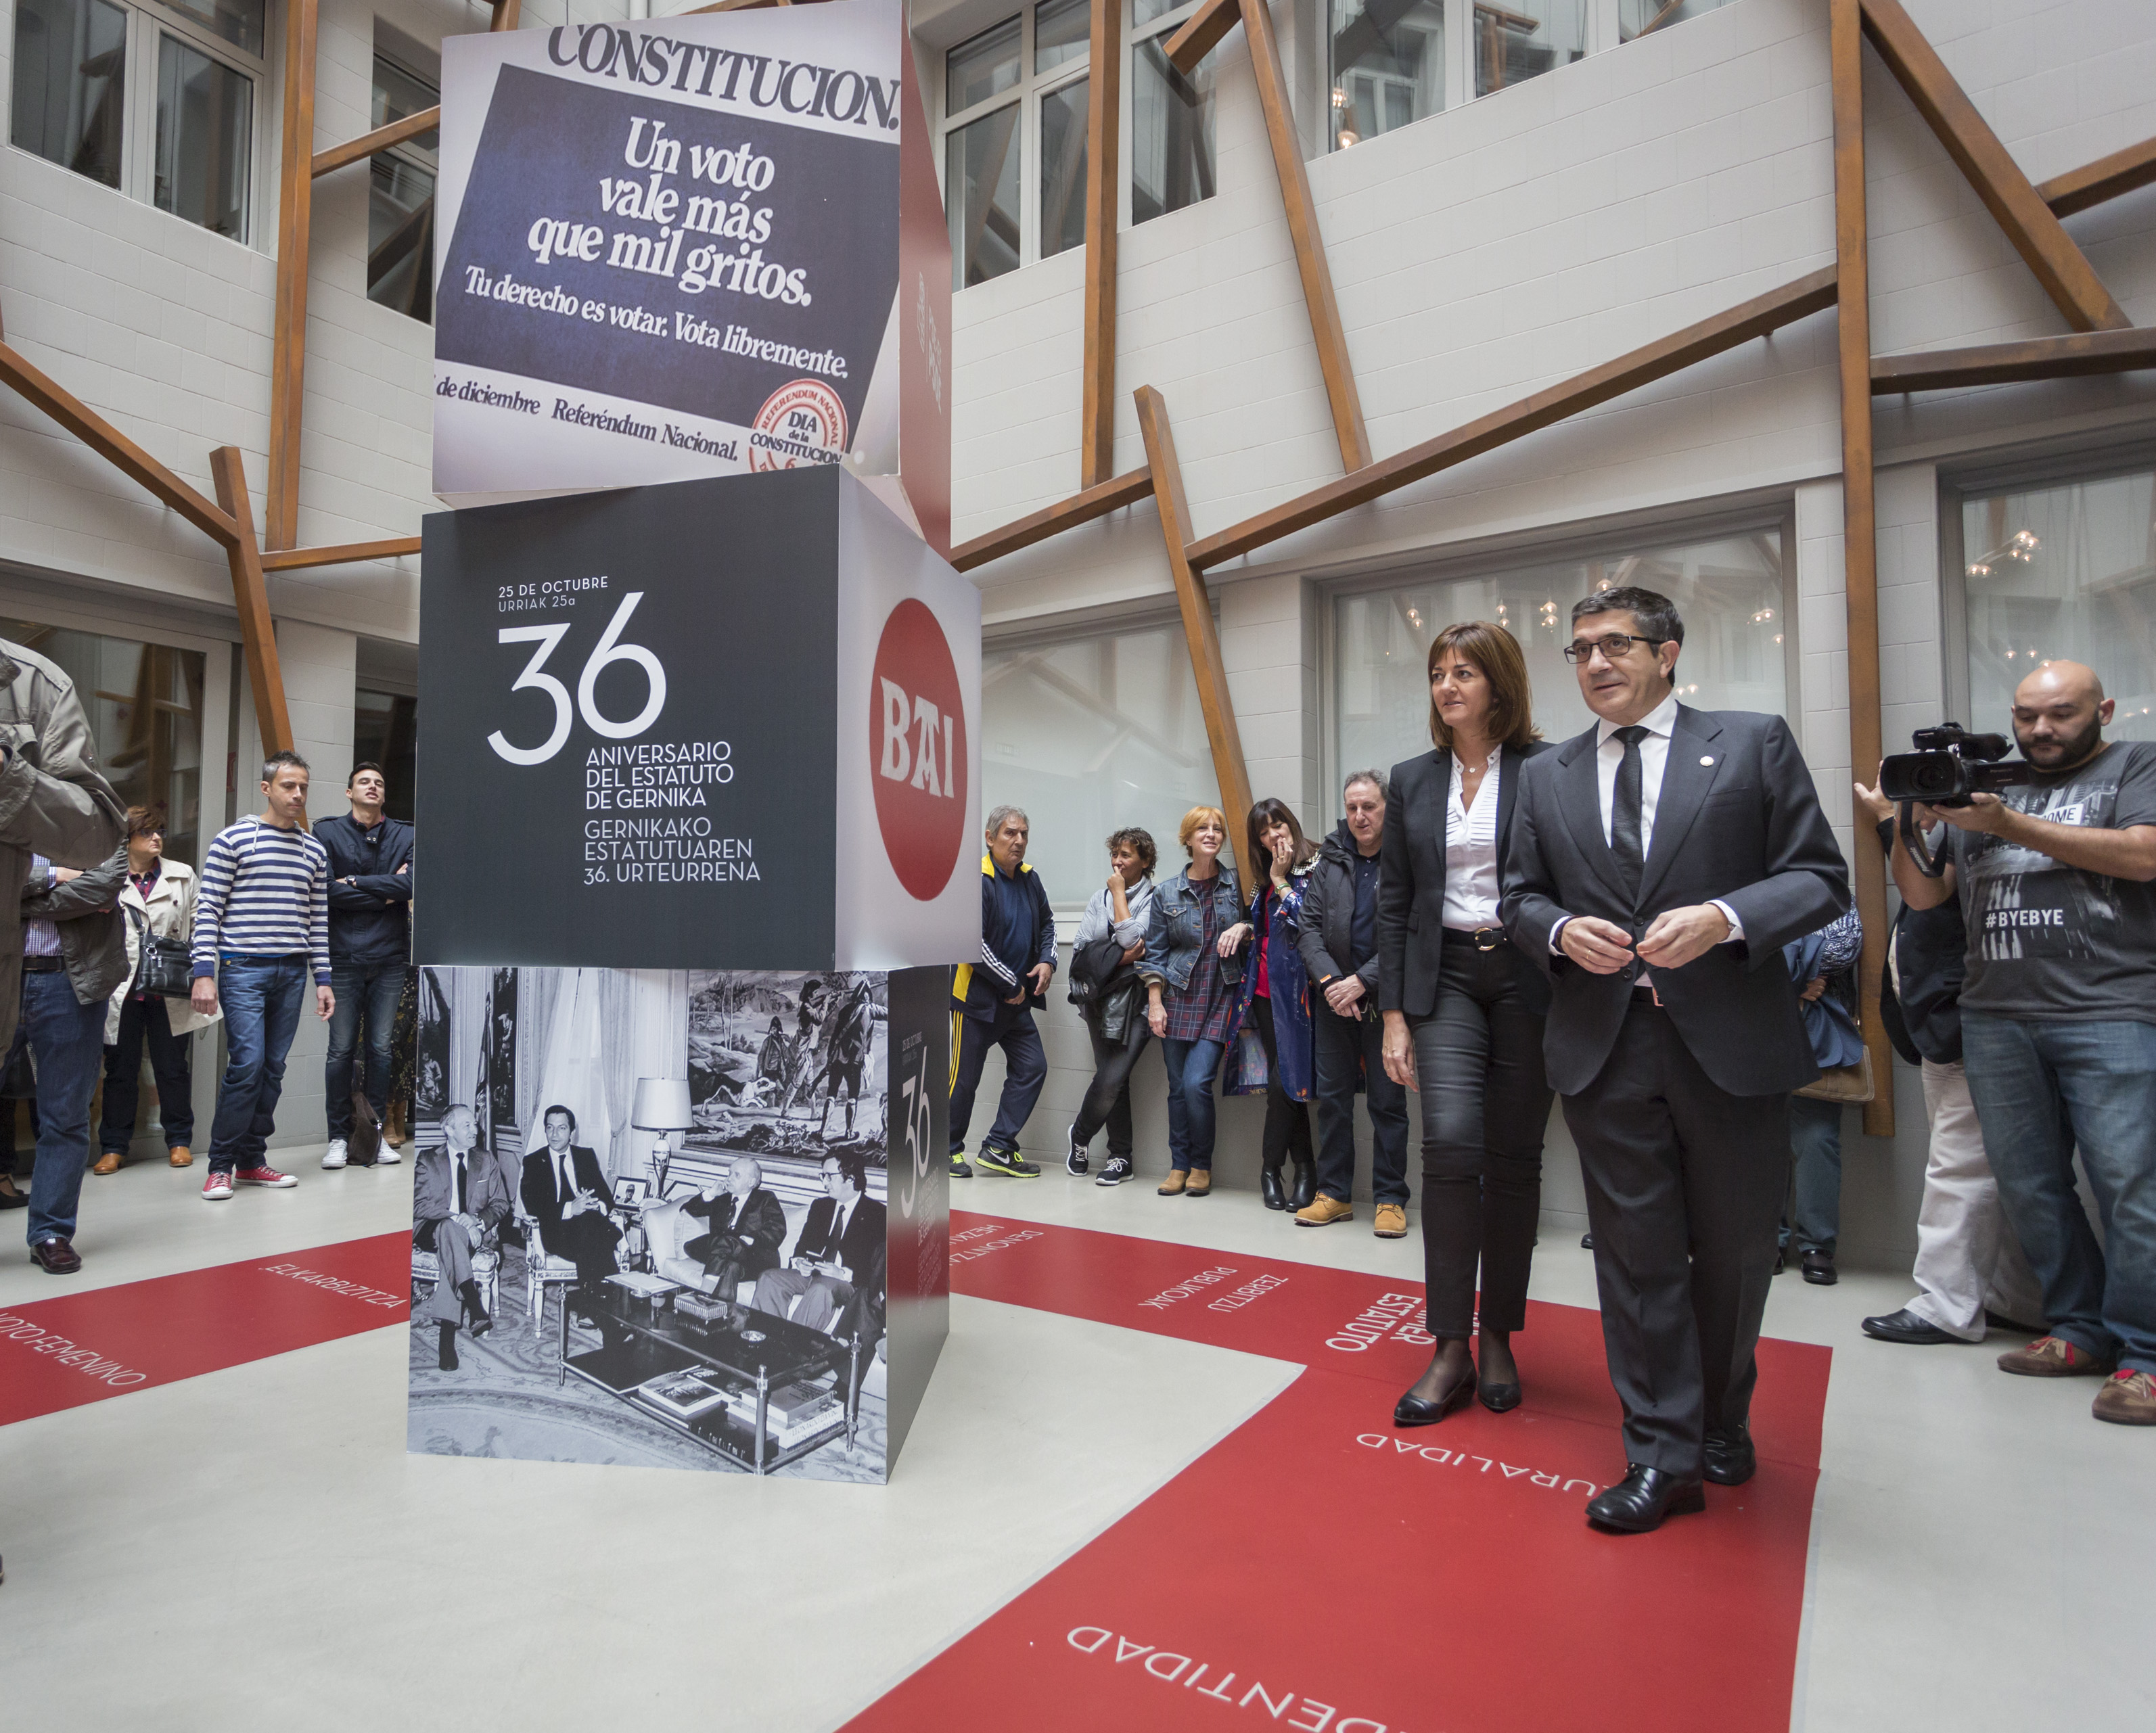 36 aniversario del Estatuto de Gernika